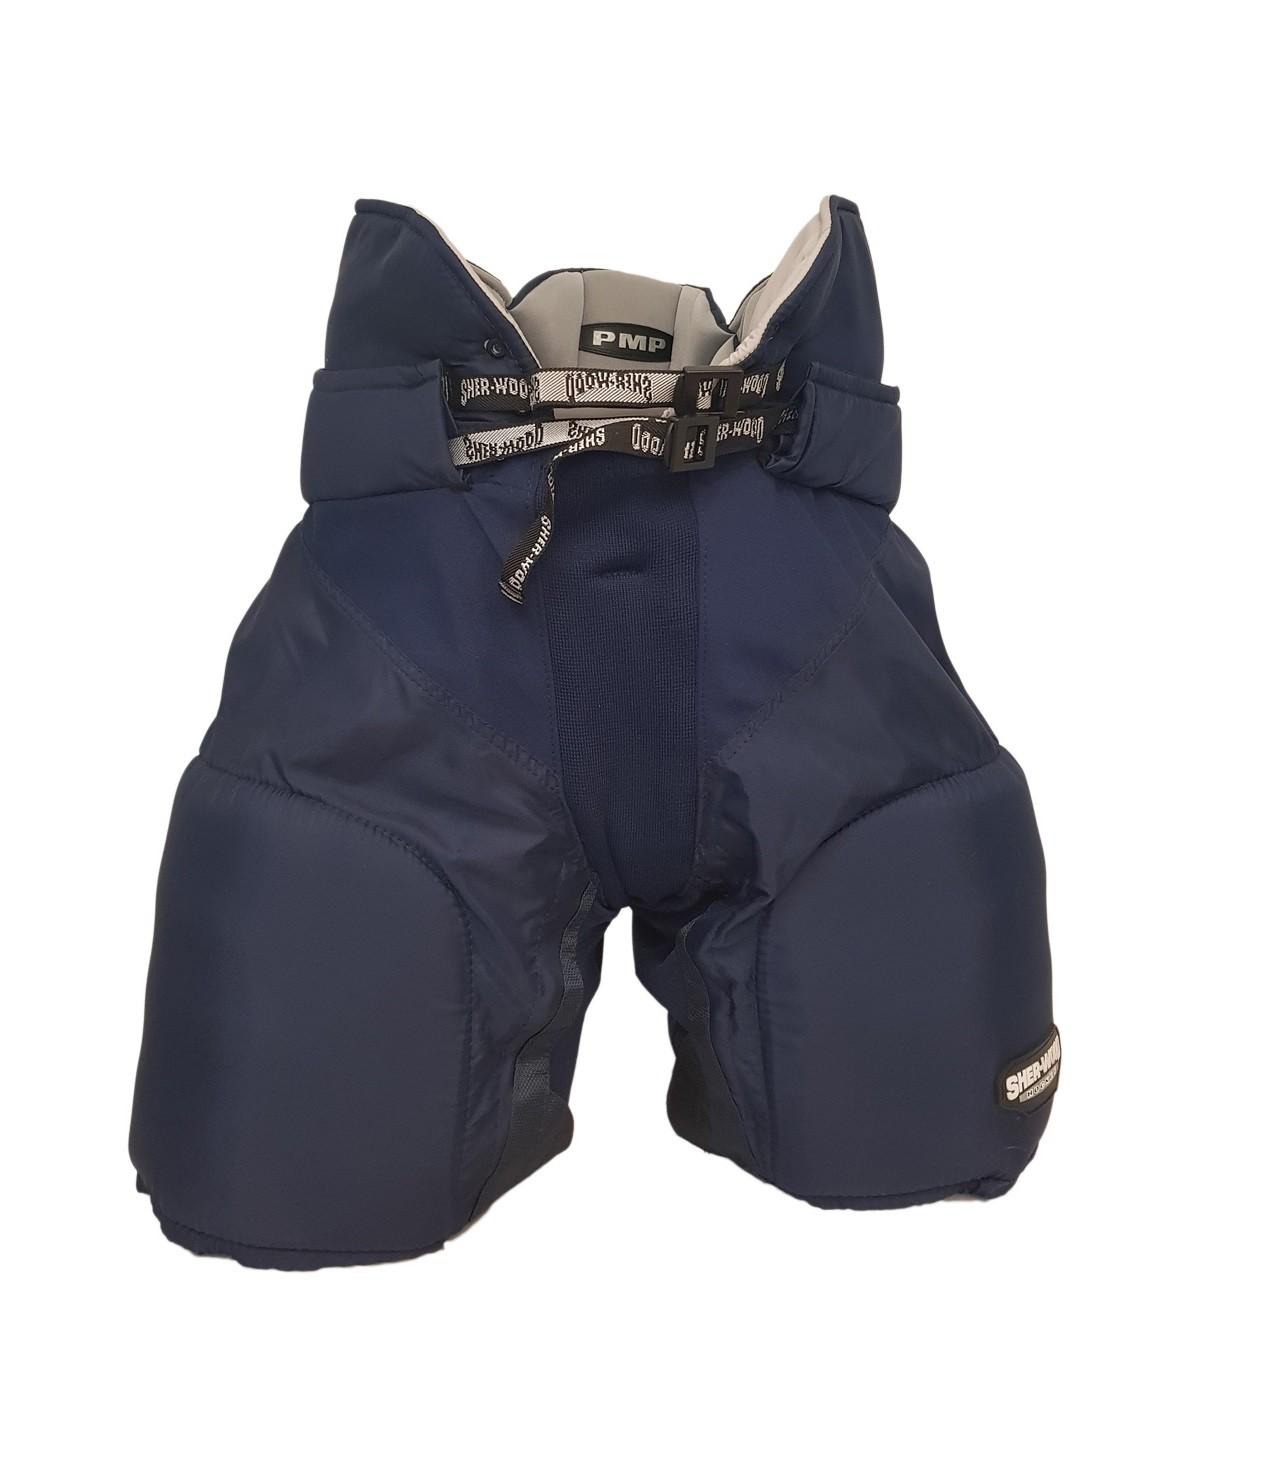 SHERWOOD PMPX8 Senior Ice Hockey Pants